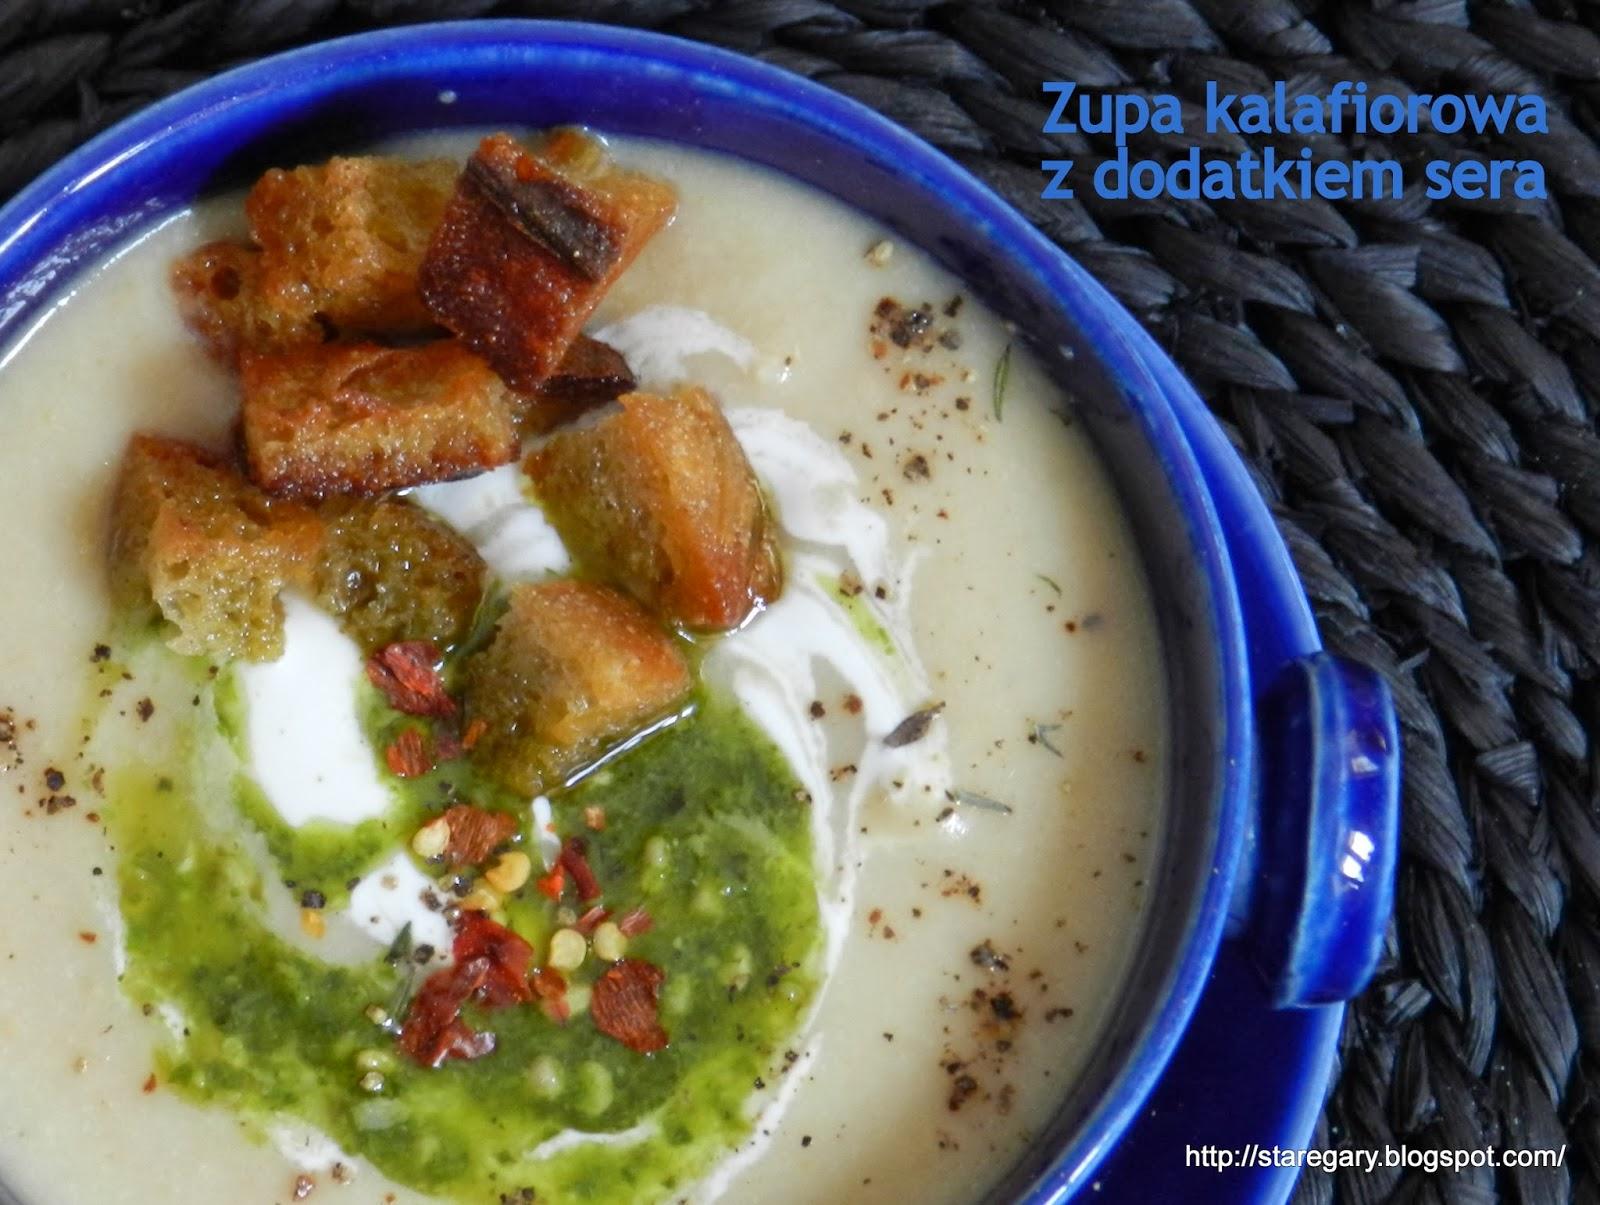 Zupa kalafiorowa z dodatkiem sera